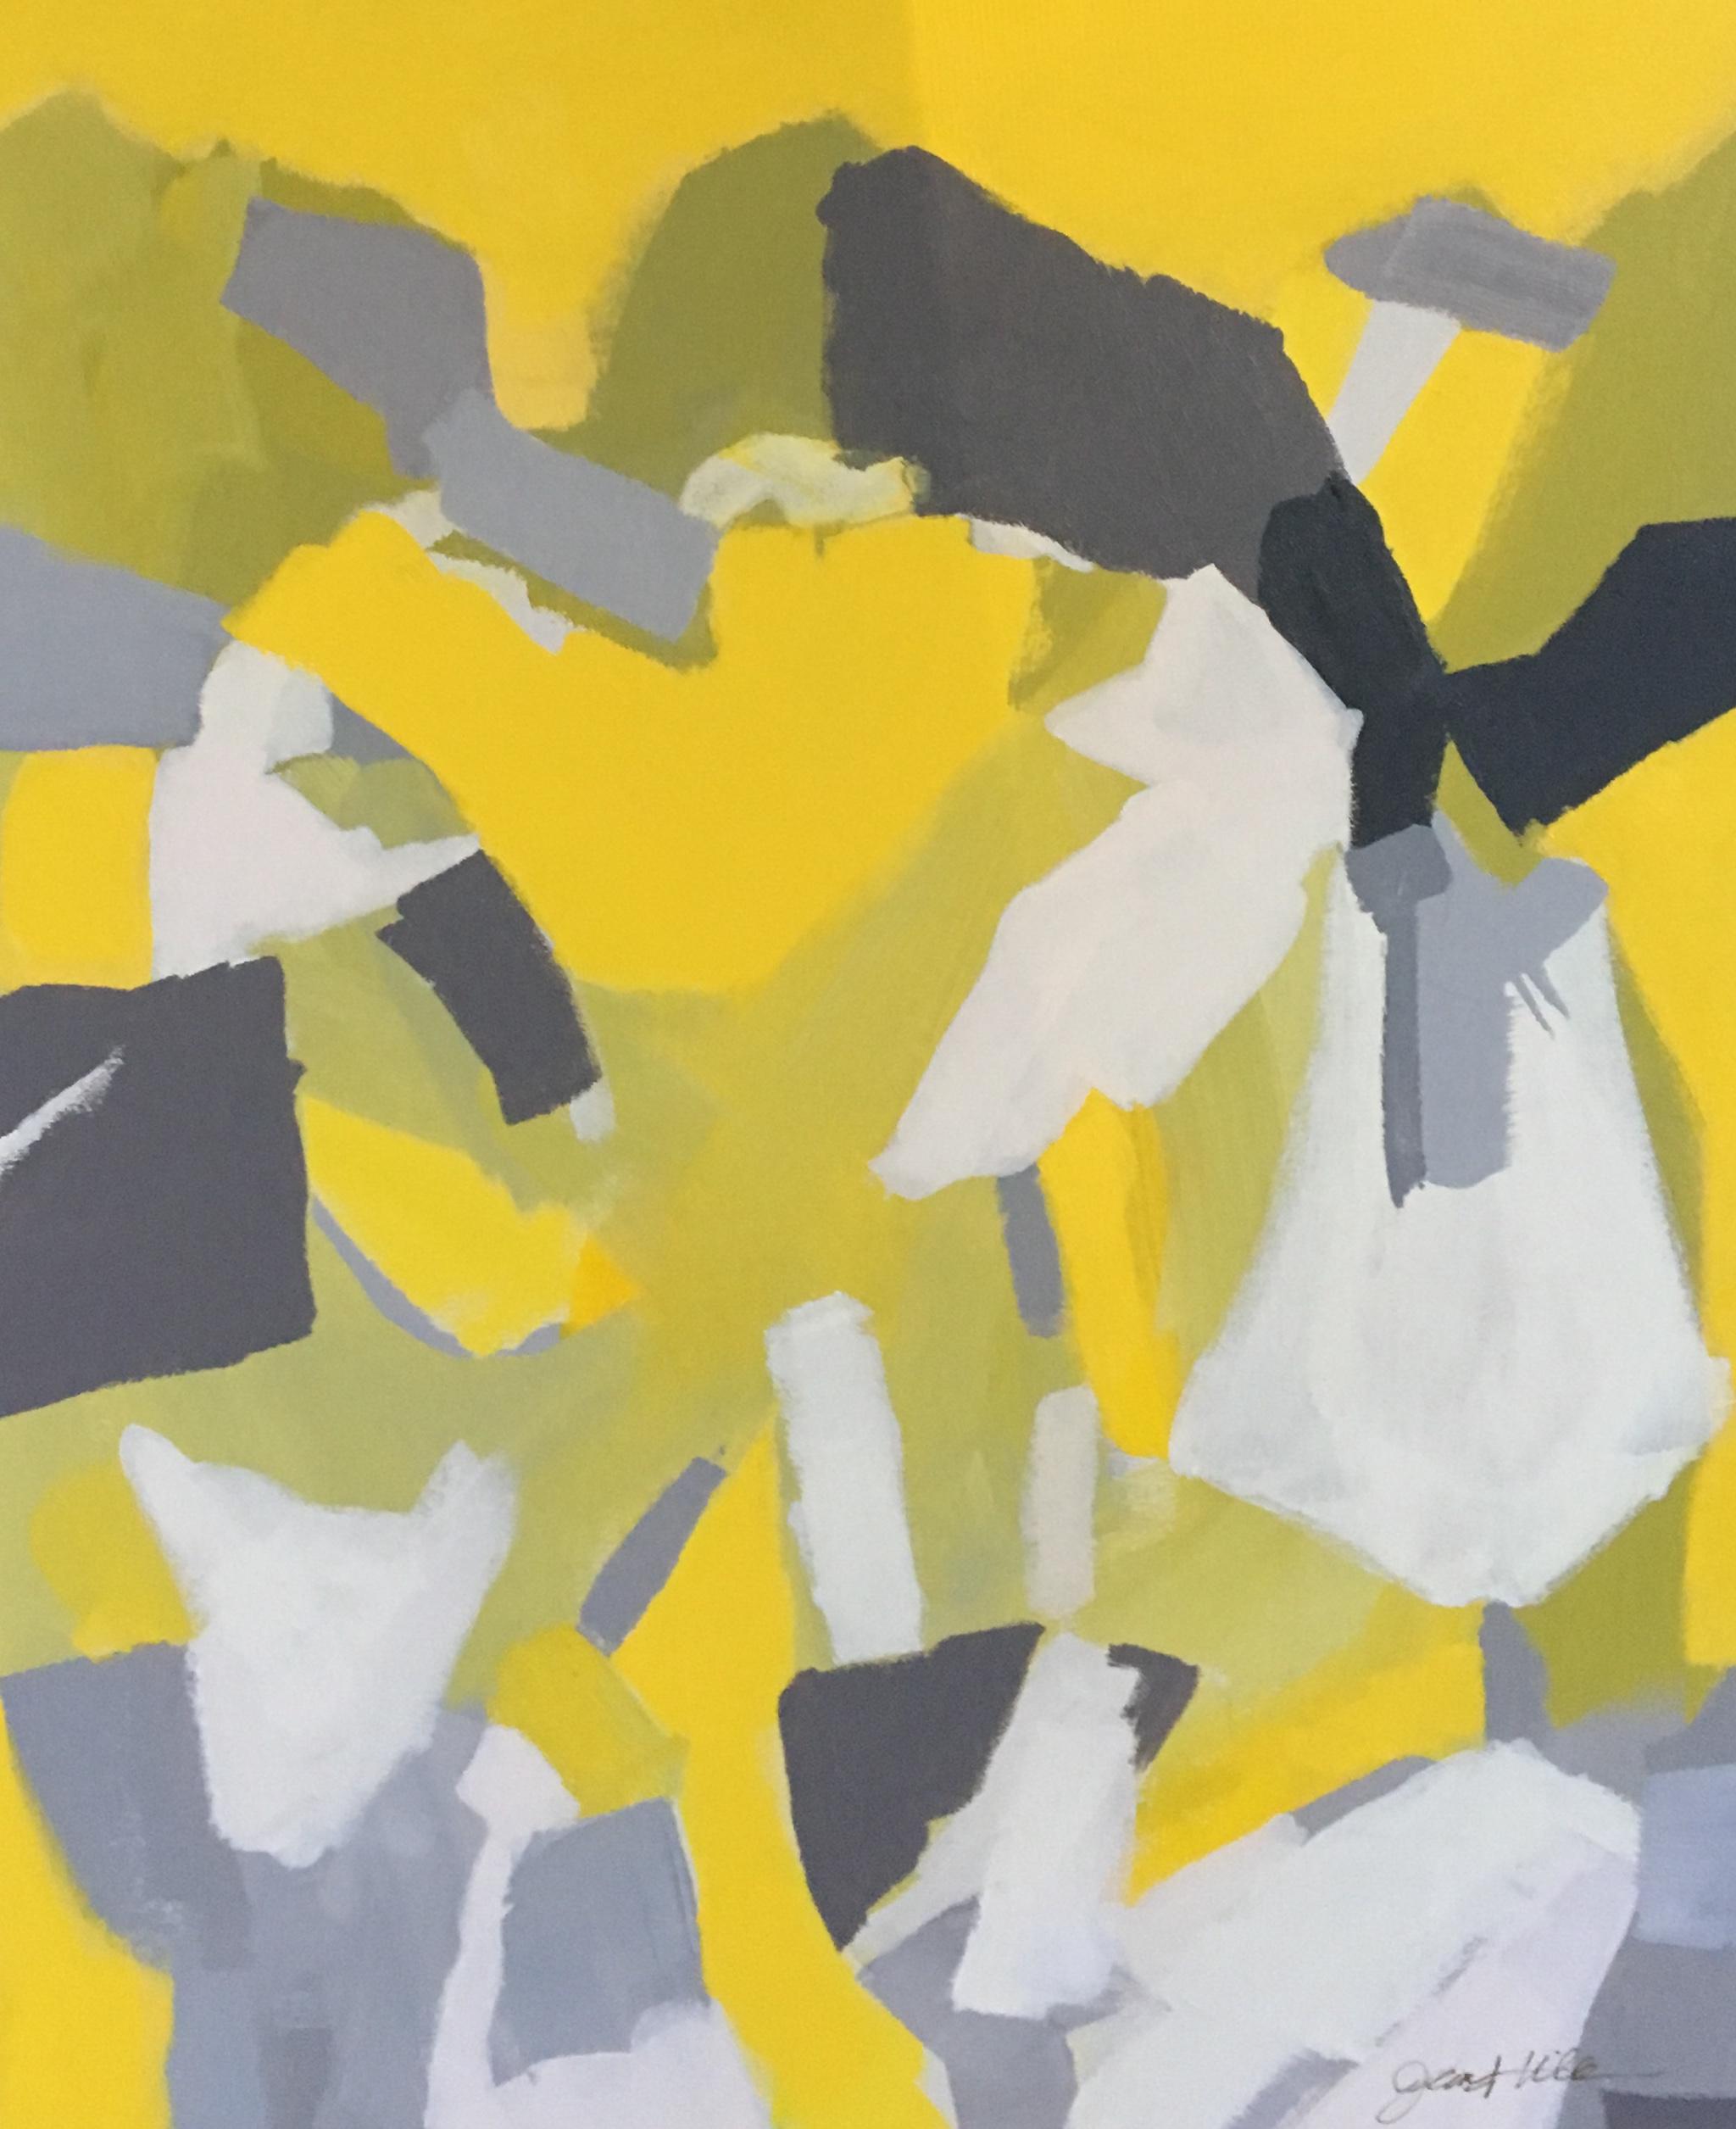 Le Crueset Yellow